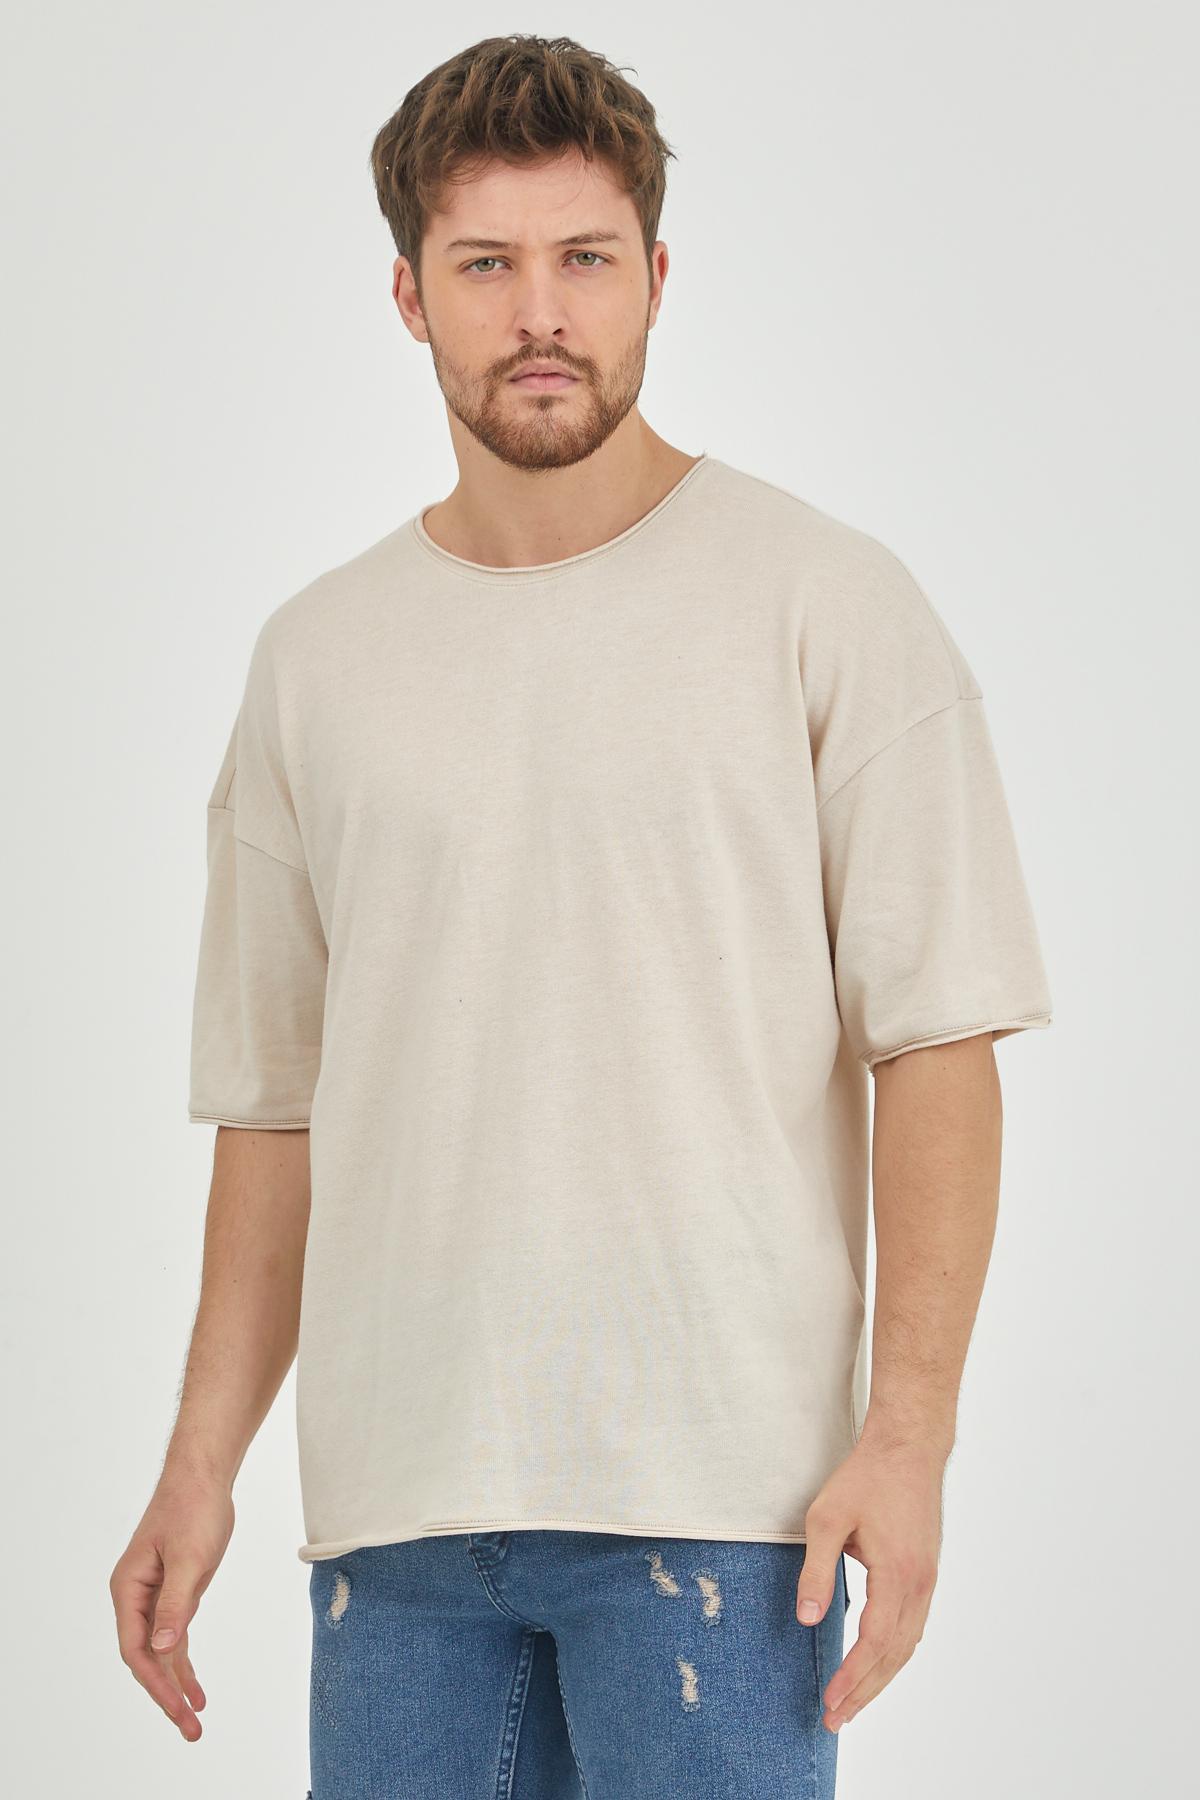 XHAN - Ekru Pis Yaka Salaş T-Shirt 1KXE1-44625-52